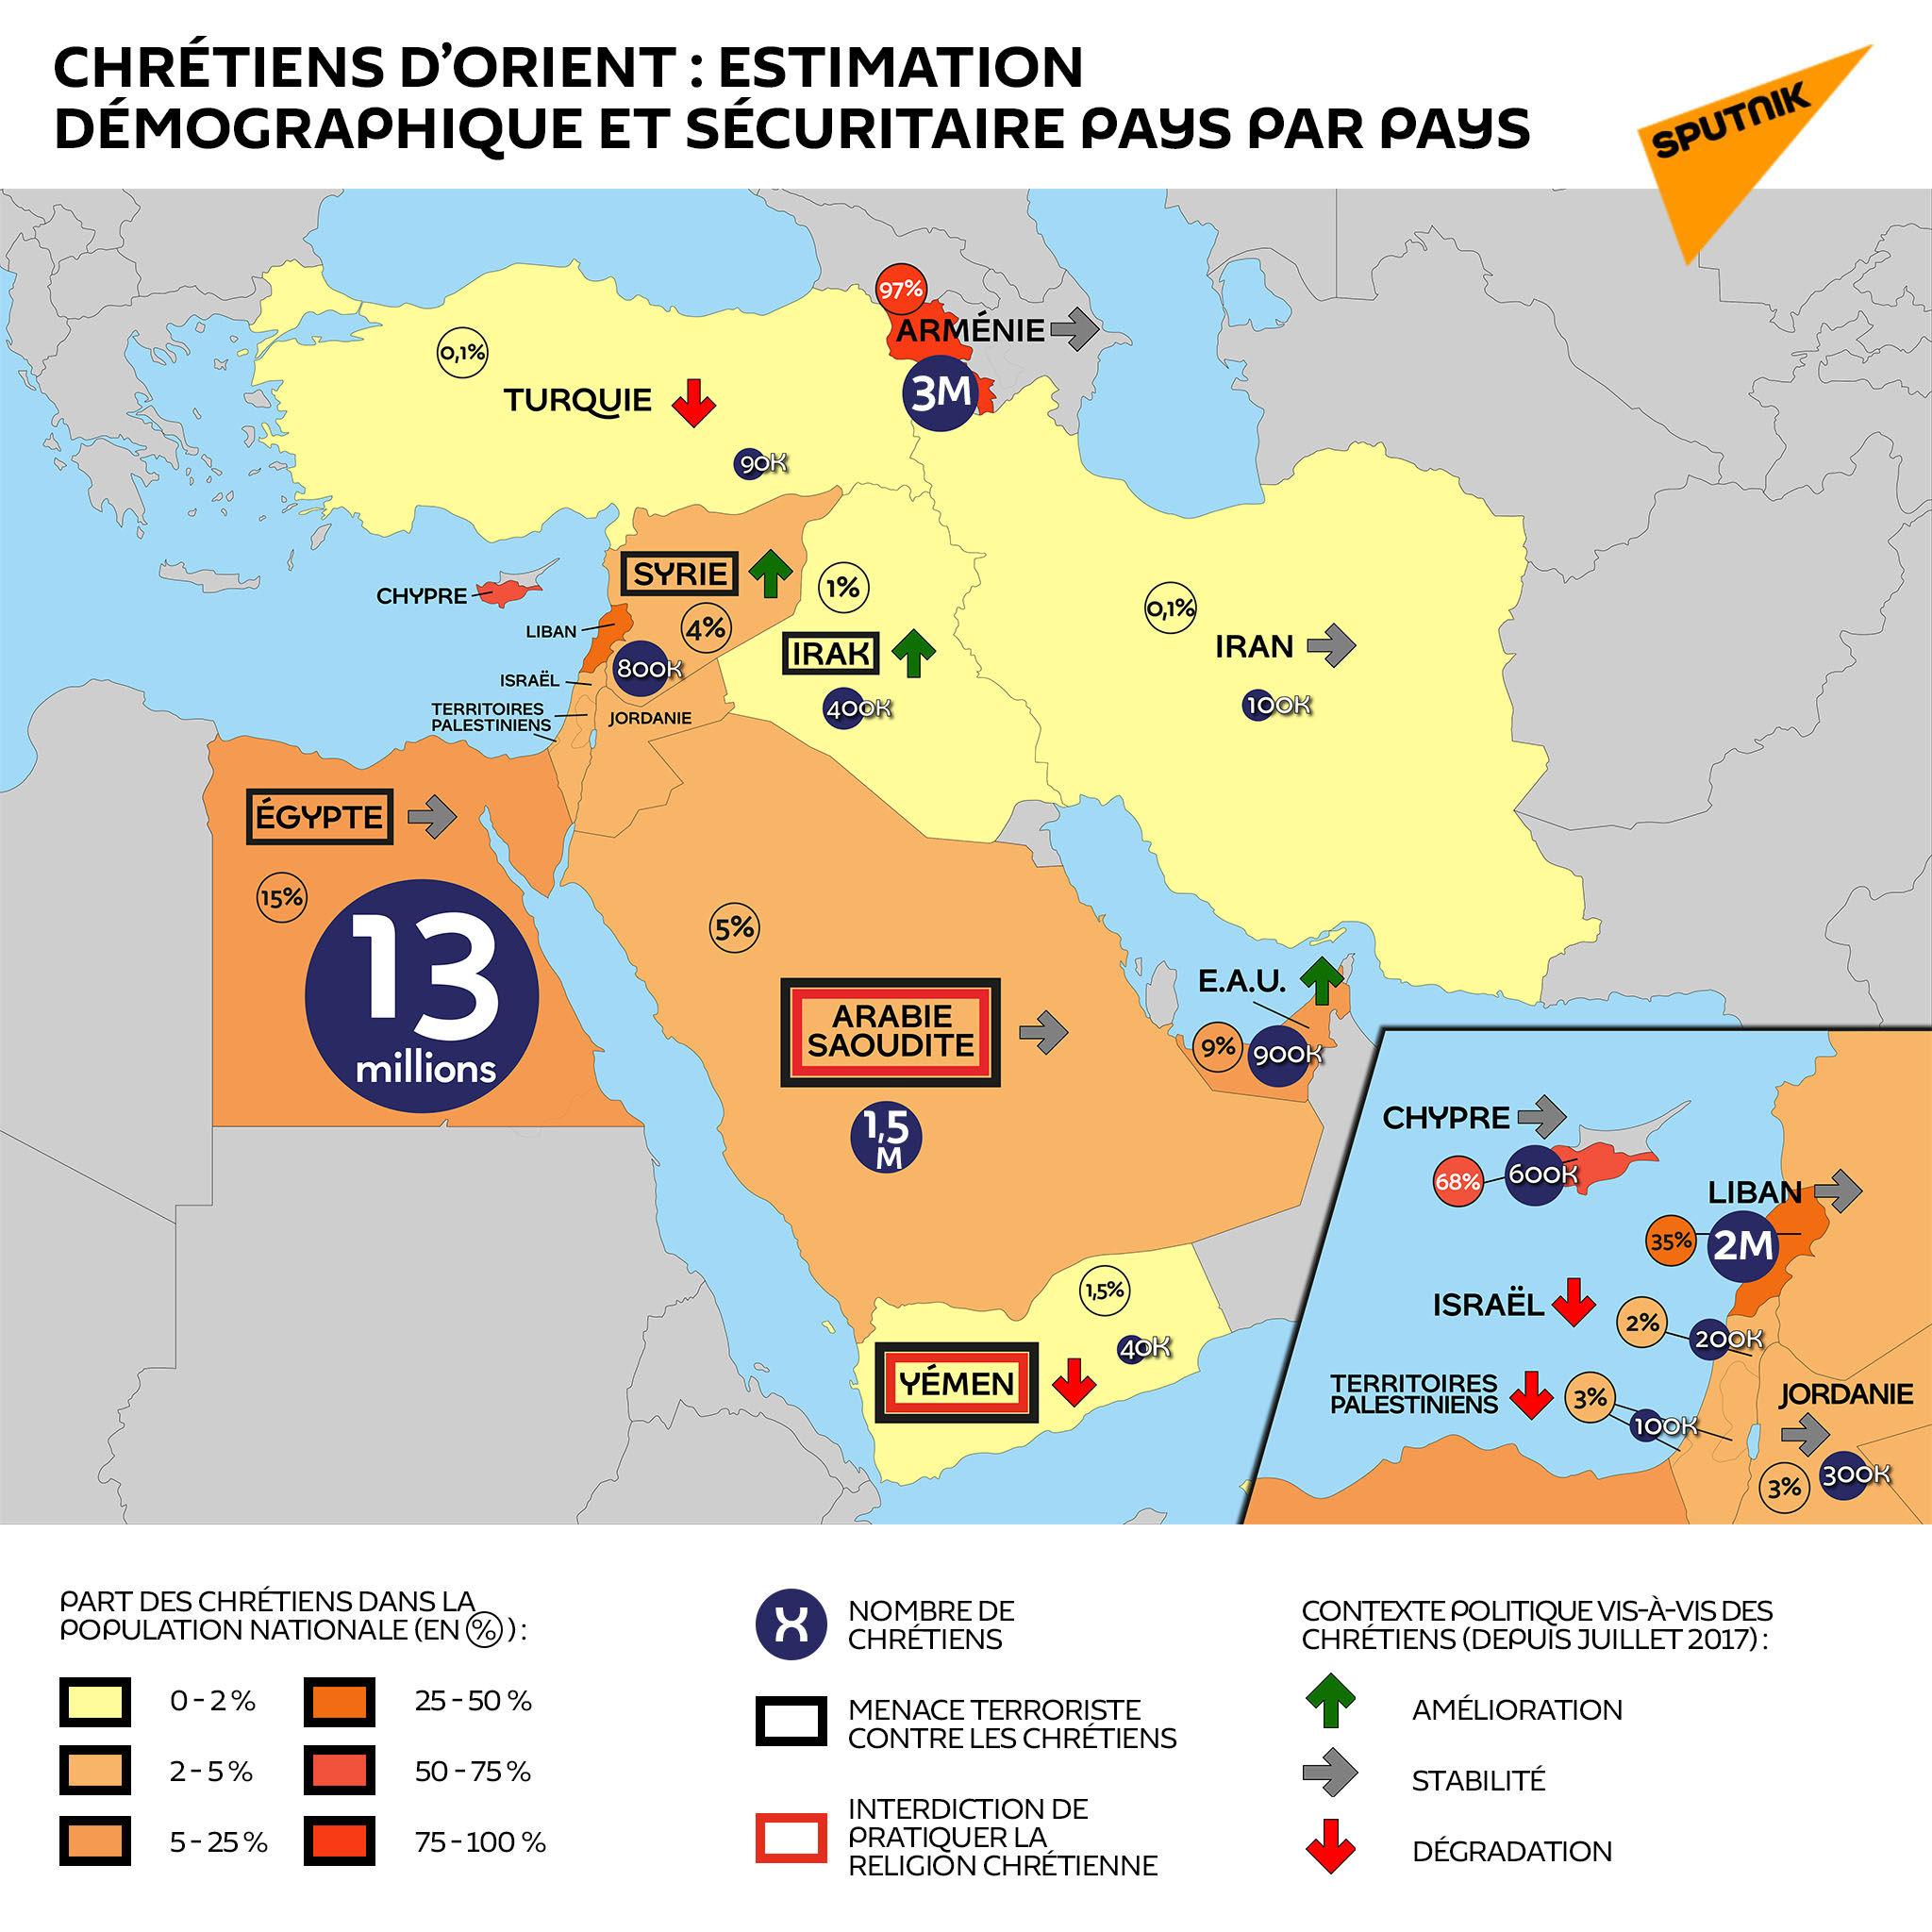 Chrétiens d'Orient: estimation démographique et sécuritaire pays par pays - Sputnik France, 1920, 10.03.2021